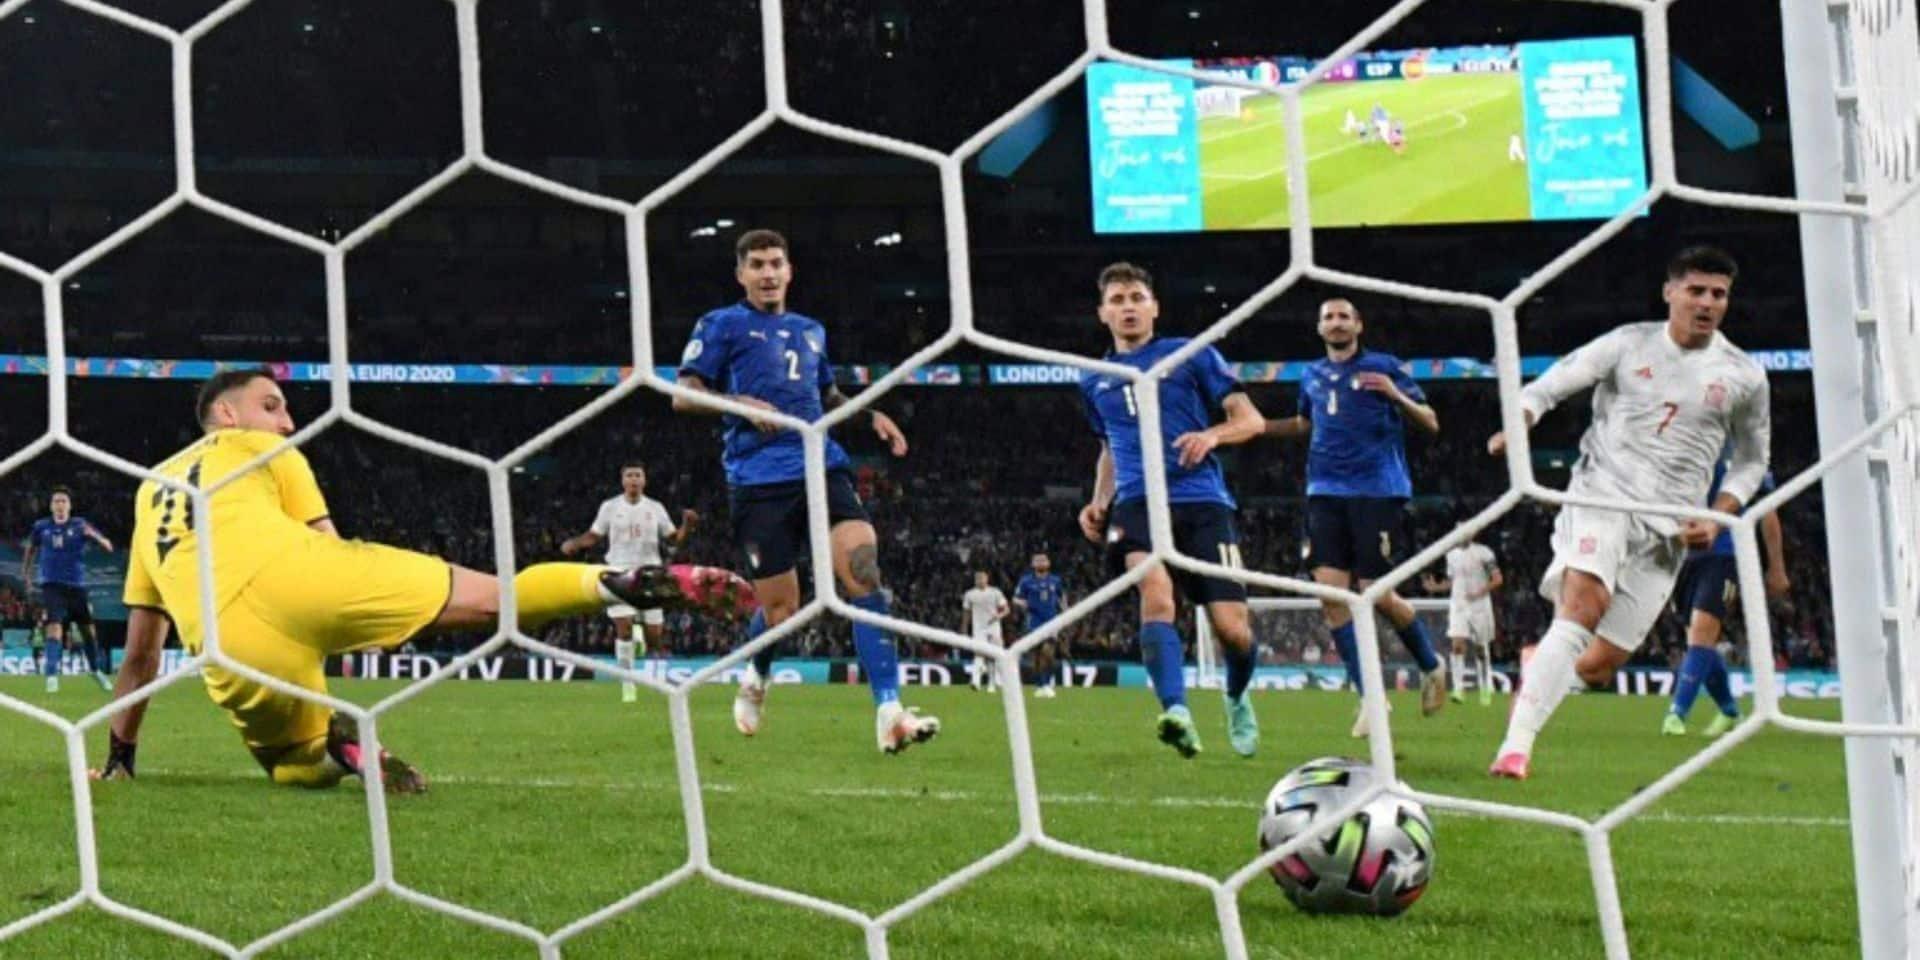 2,7 millions de Belges devant leur télévision pour la finale Italie-Angleterre